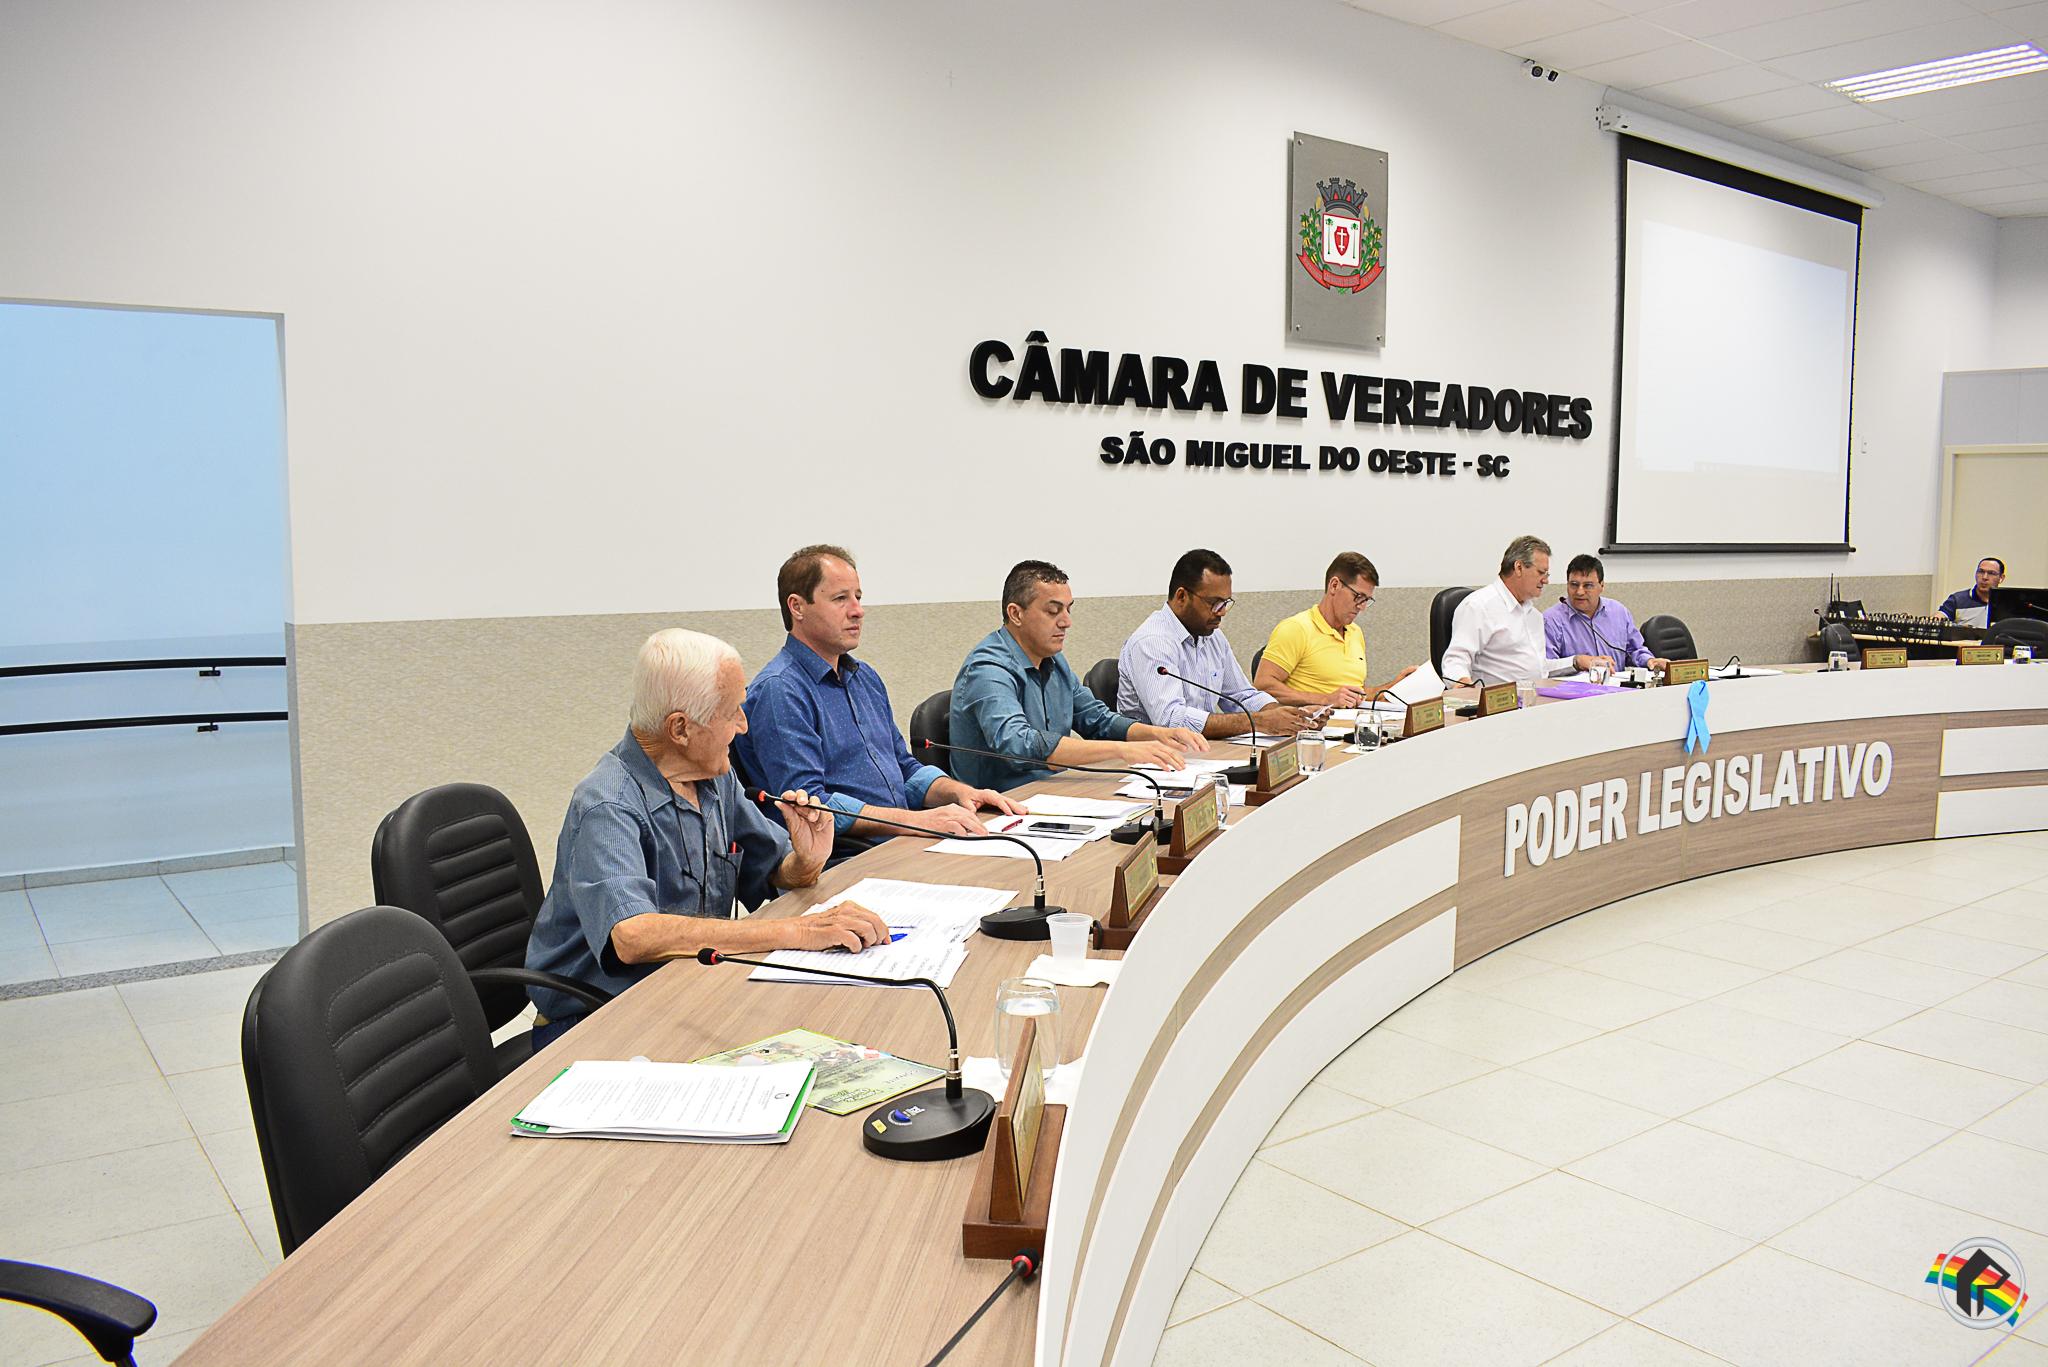 Câmara autoriza contratação de serviços de limpeza urbana através de concessão ou PPP